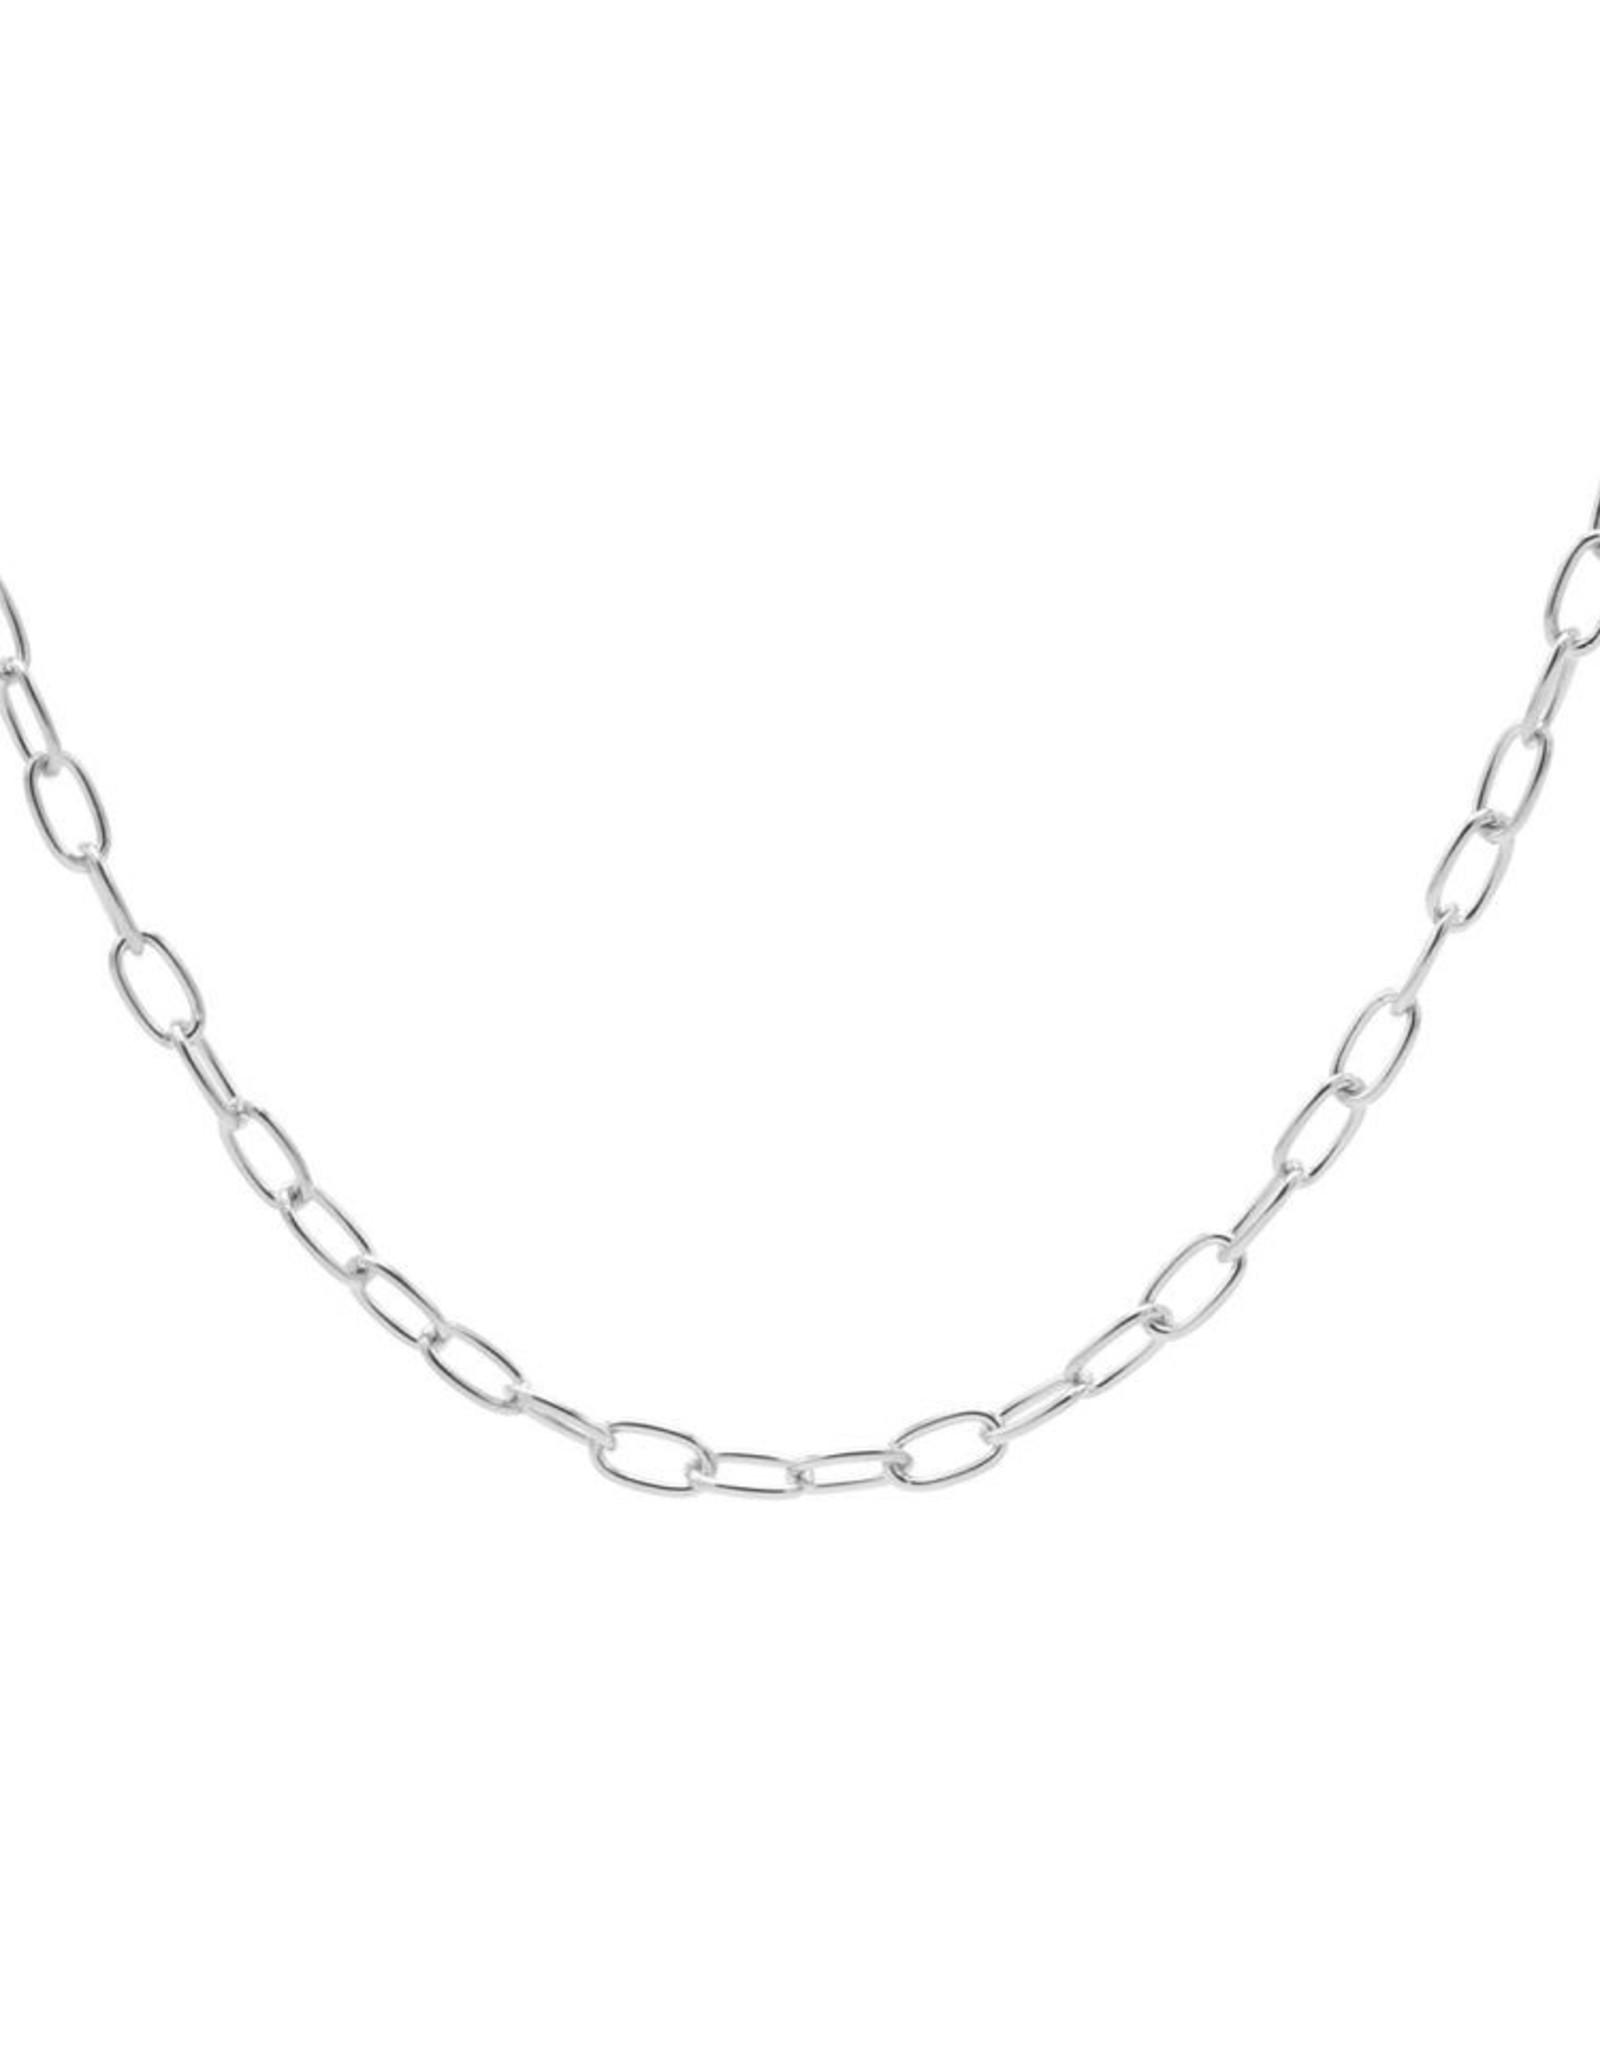 Karma Necklace Square Chain Silver 50-57CM